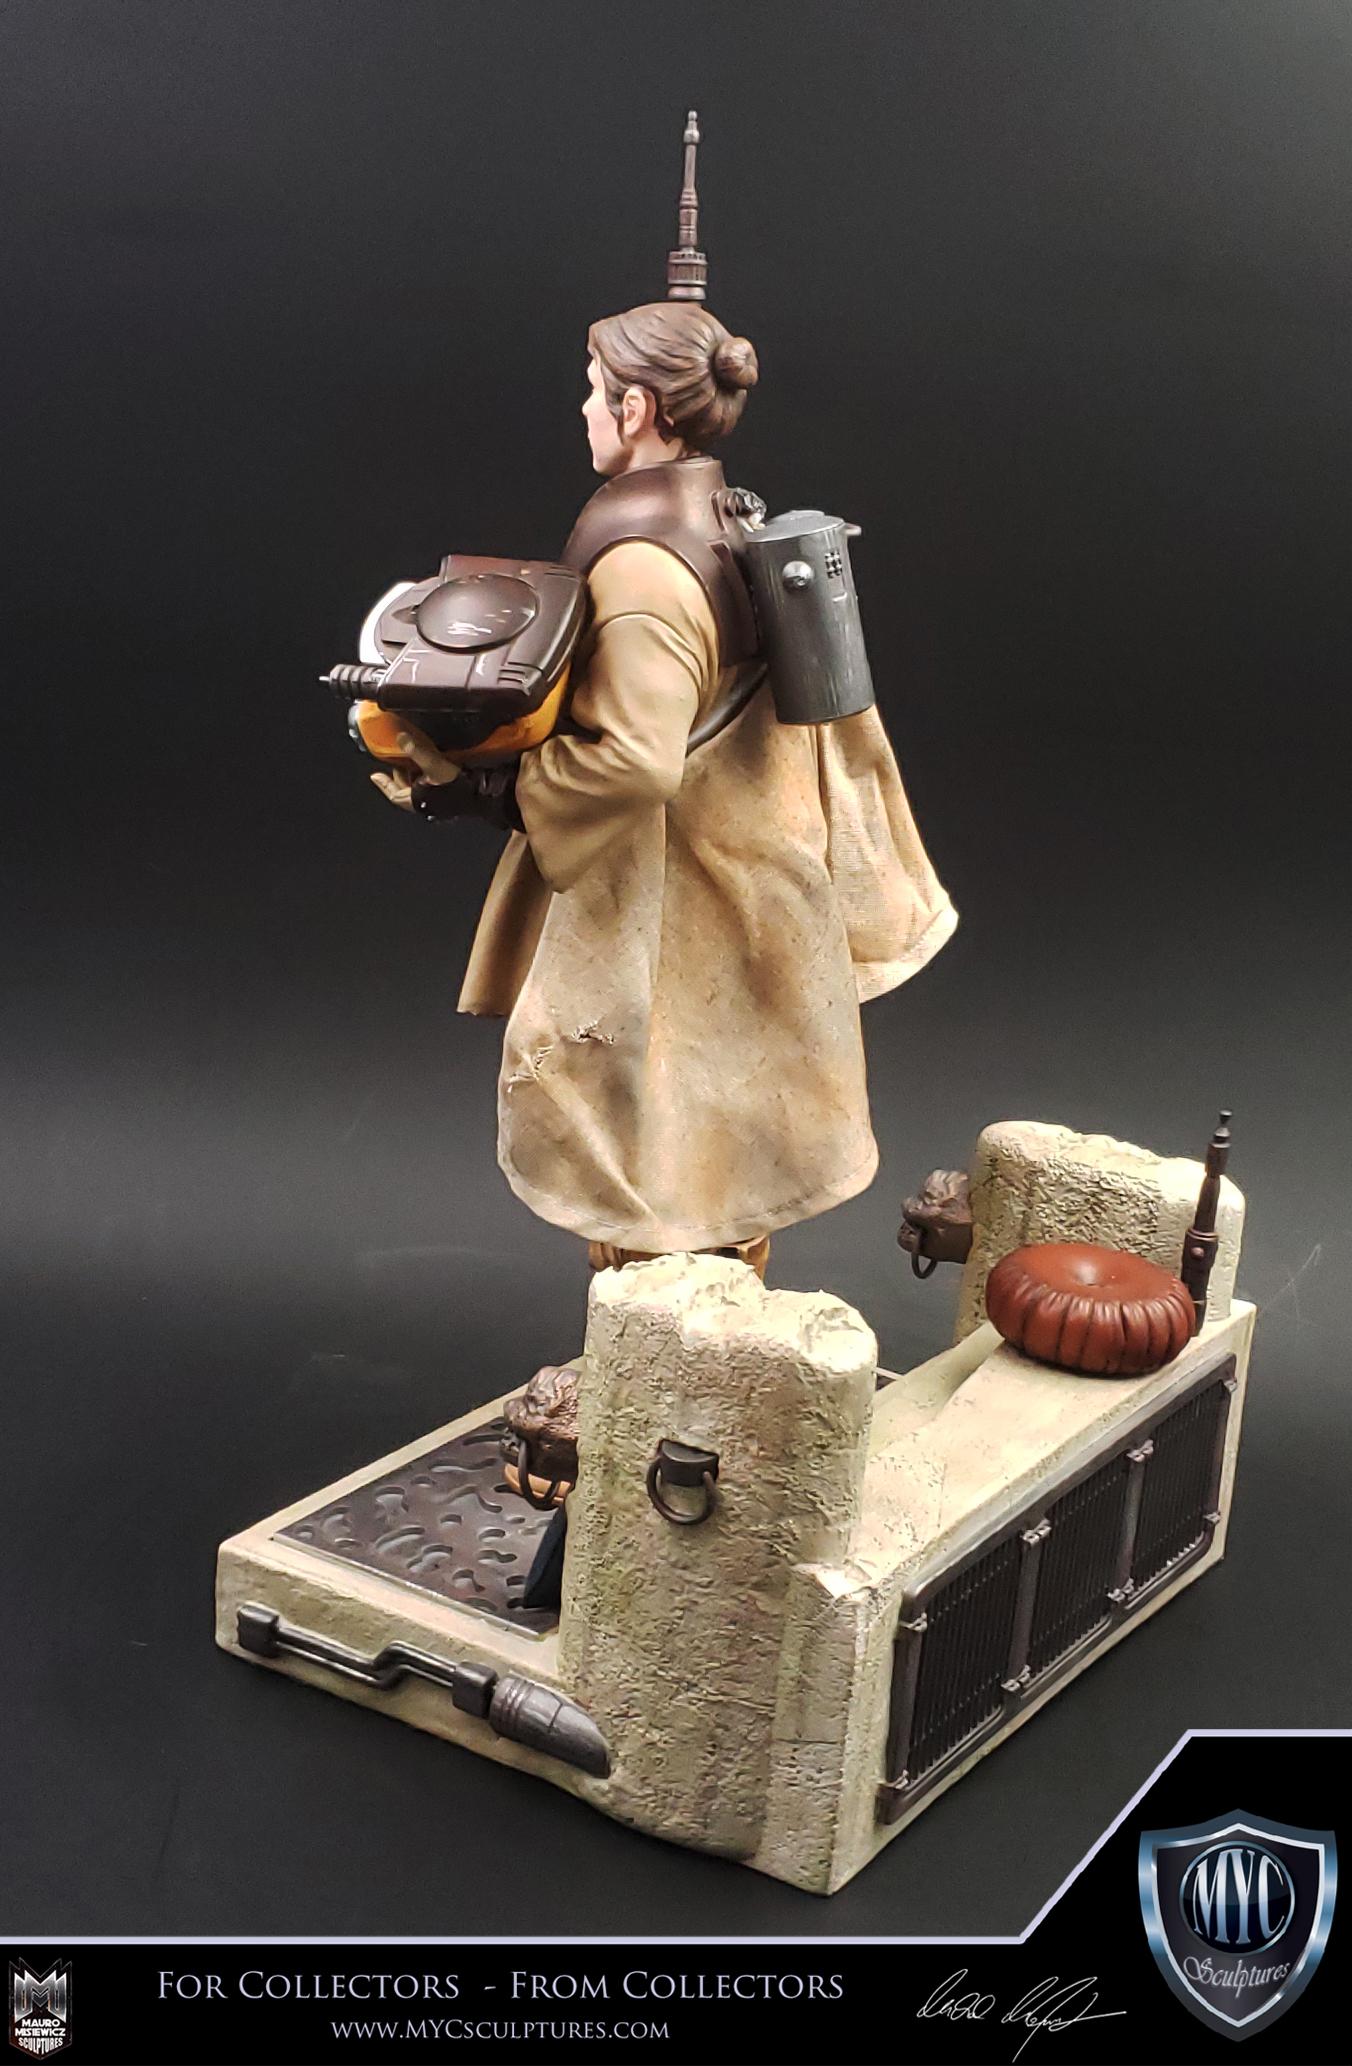 Boushh_Leia_MYC_Sculptures_Statue_09